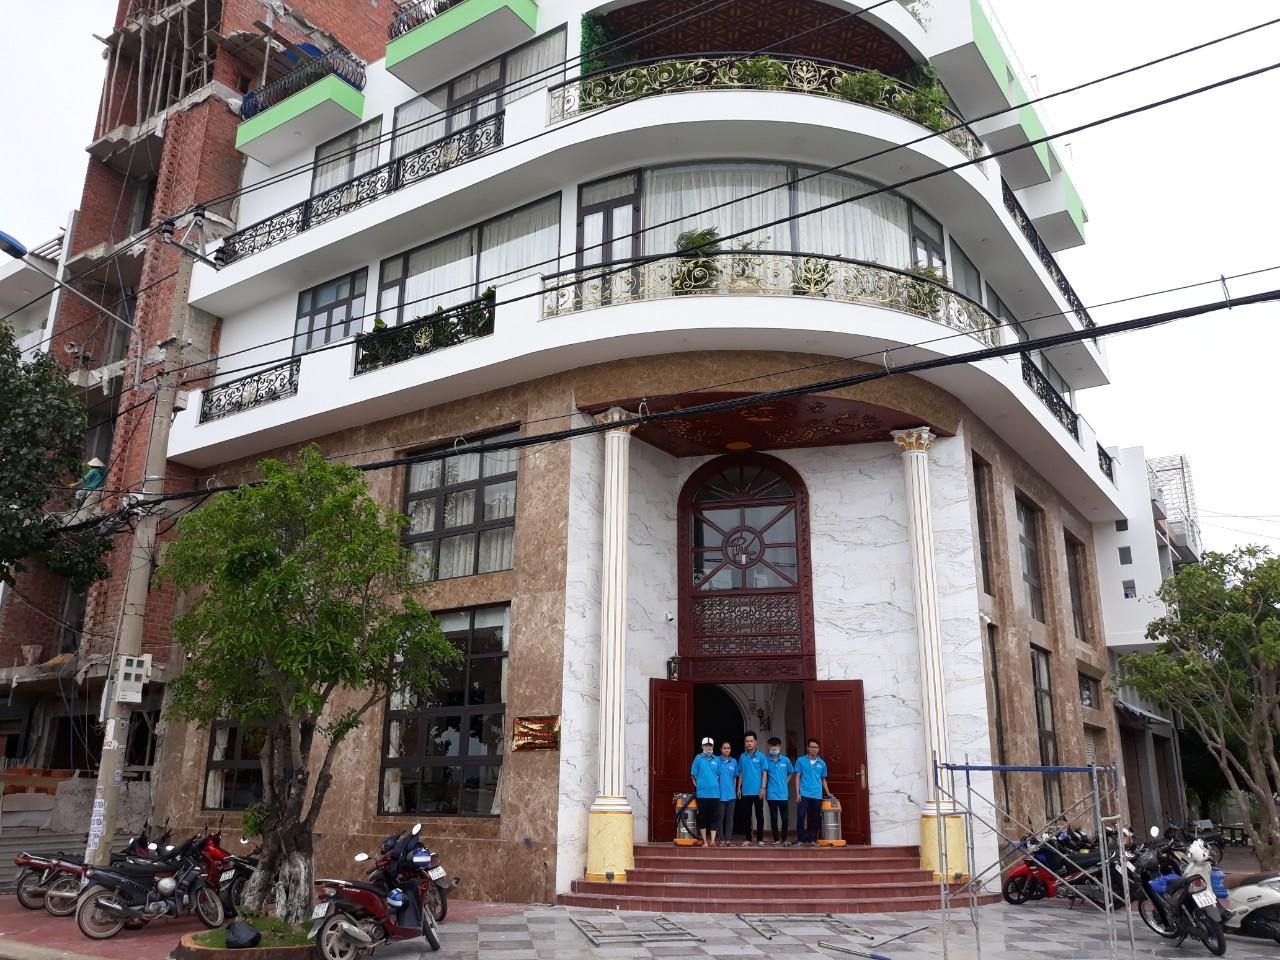 Dịch vụ vệ sinh nhà cửa tại Quy Nhơn